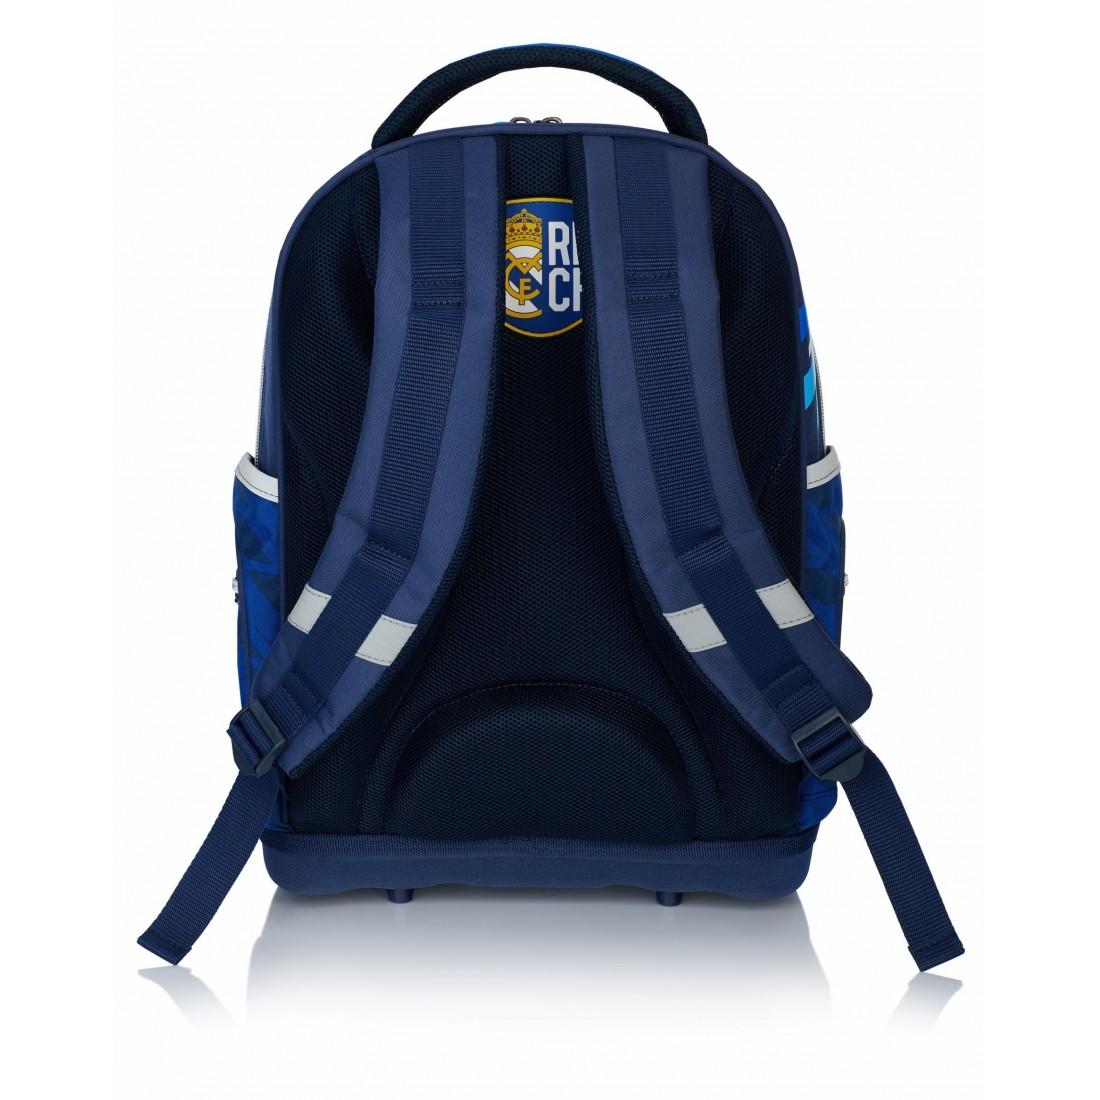 3ba82e16bac00 Plecak ergonomiczny Real Madryt granatowo - niebieski do szkoły - RM-131 -  plecak-tornister.pl